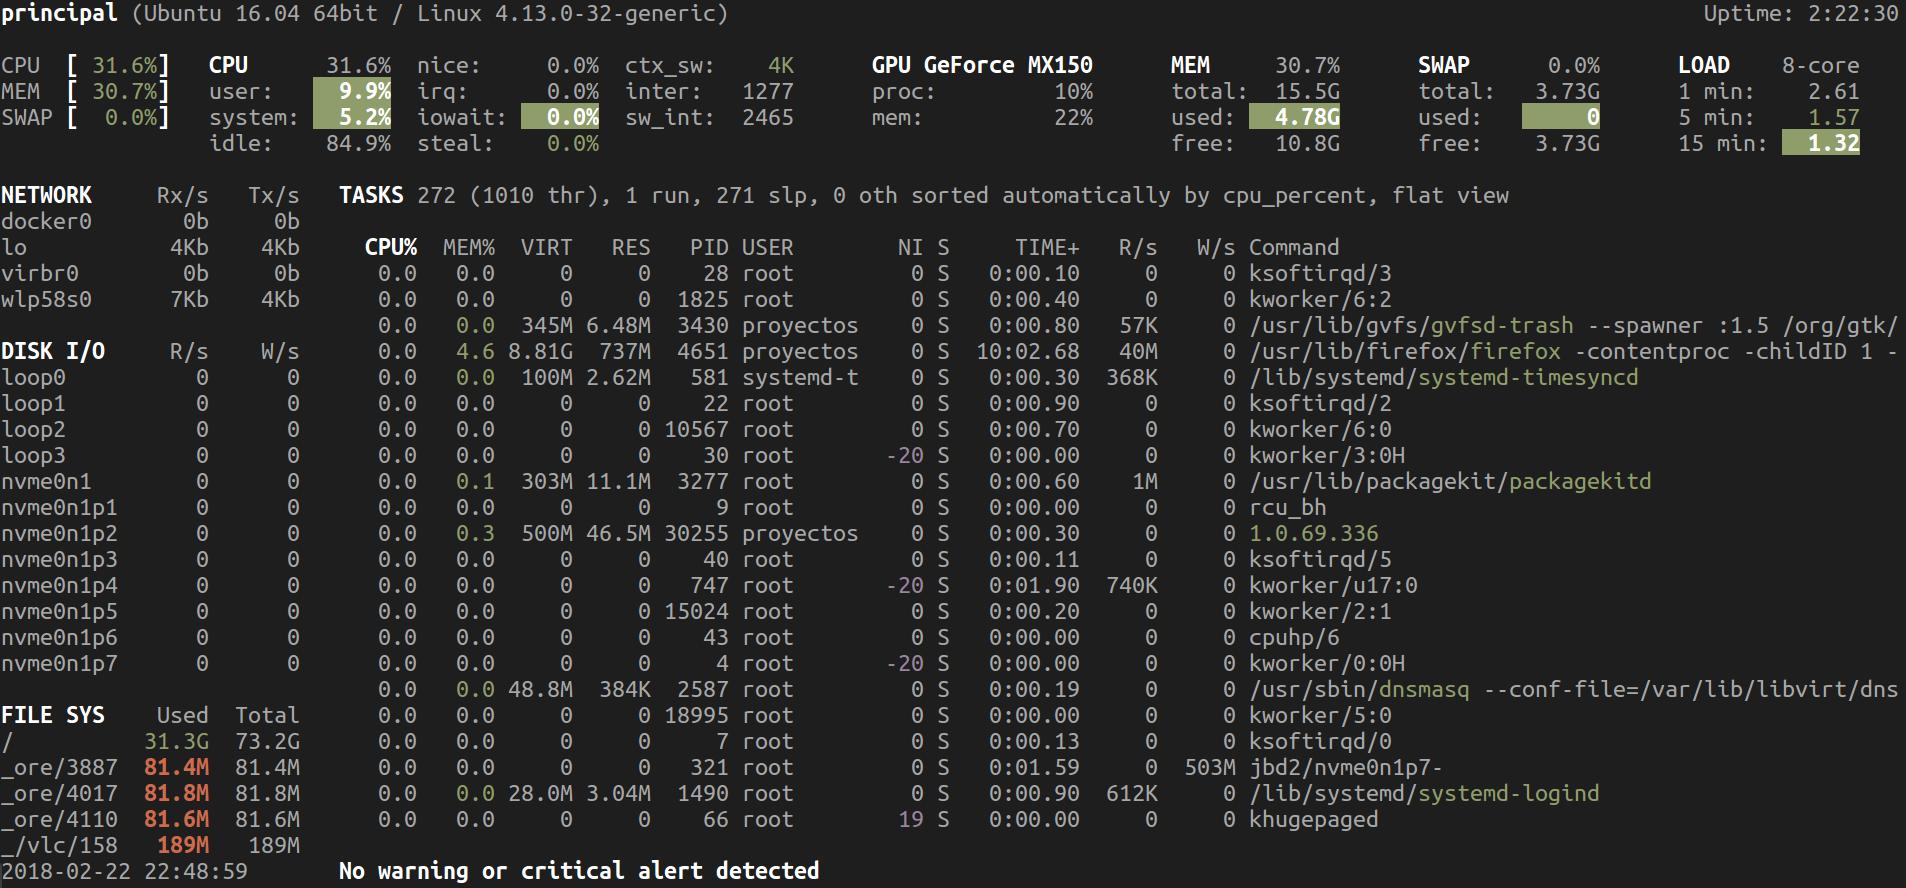 Monitoreo GPU con glances